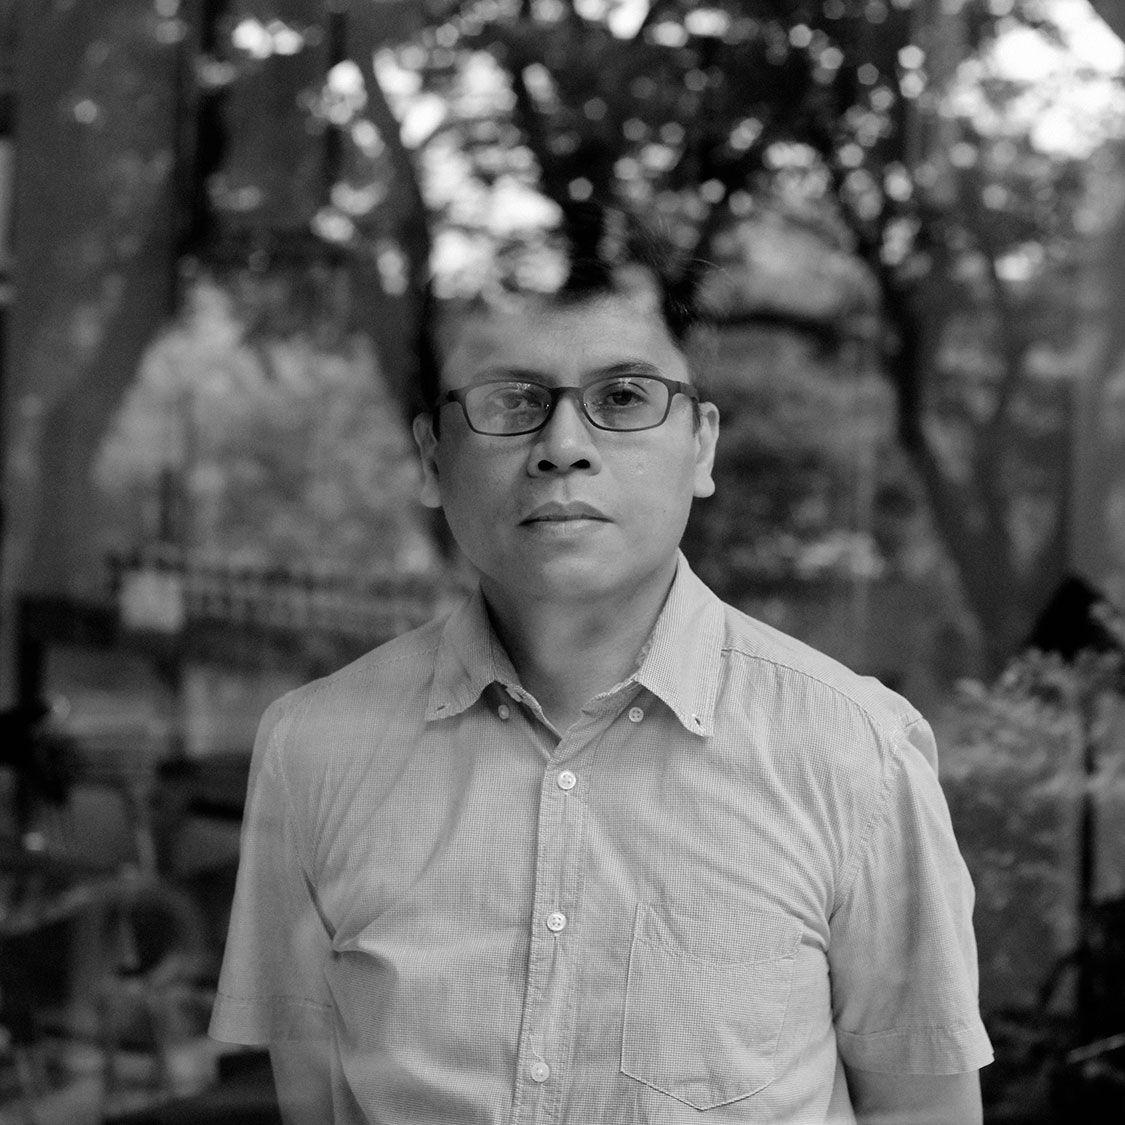 Patrick D. Flores